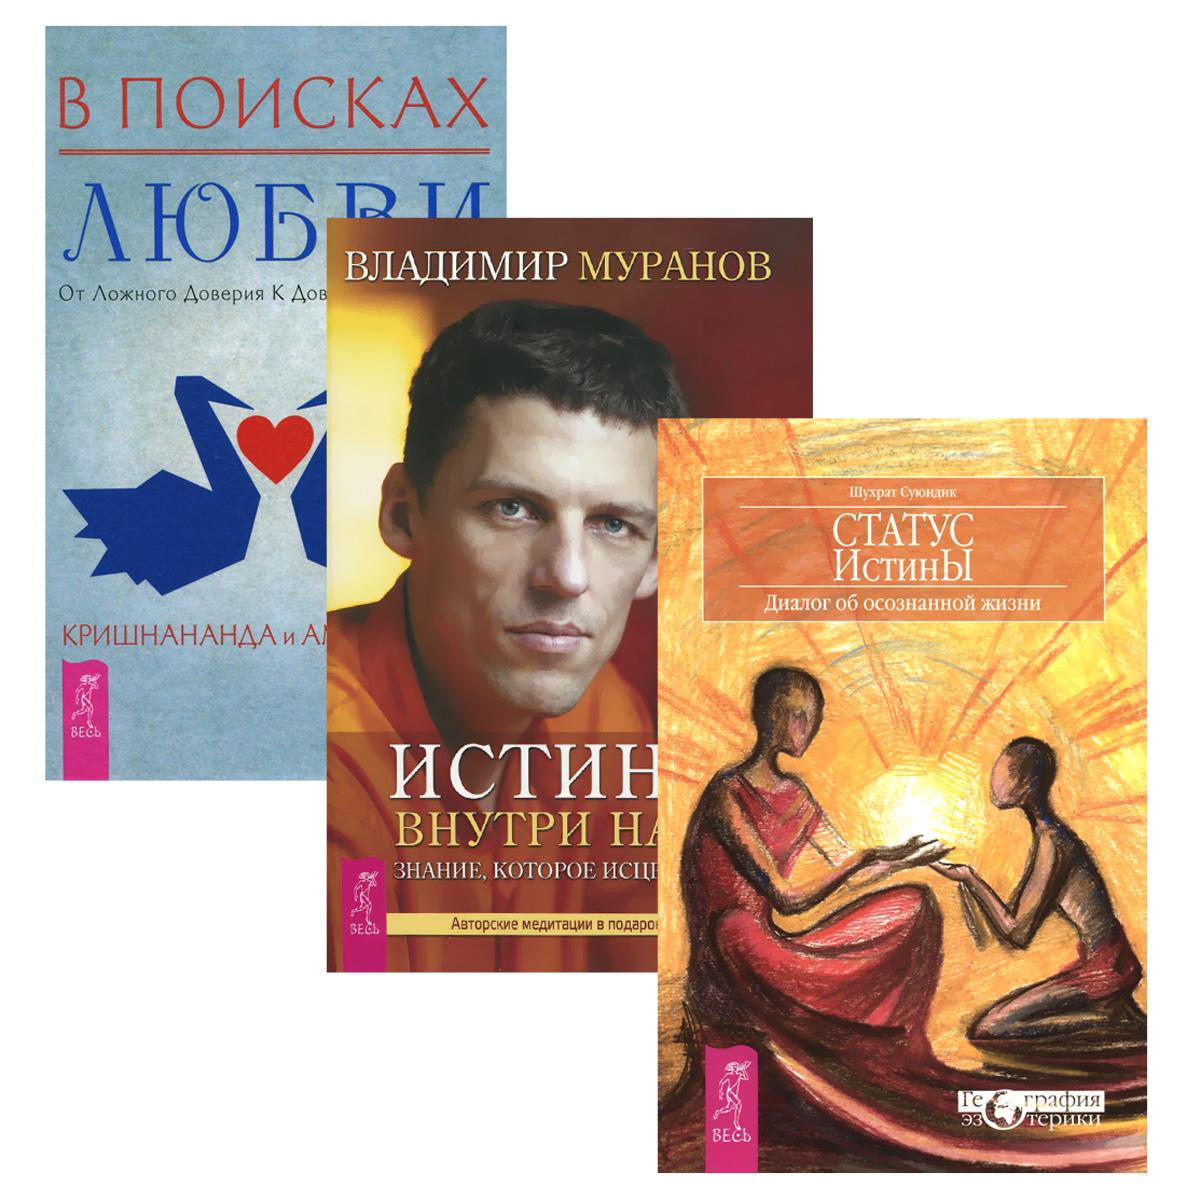 В поисках любви. Истина внутри нас. Статус истины (+ CD-ROM; количество томов: 3)